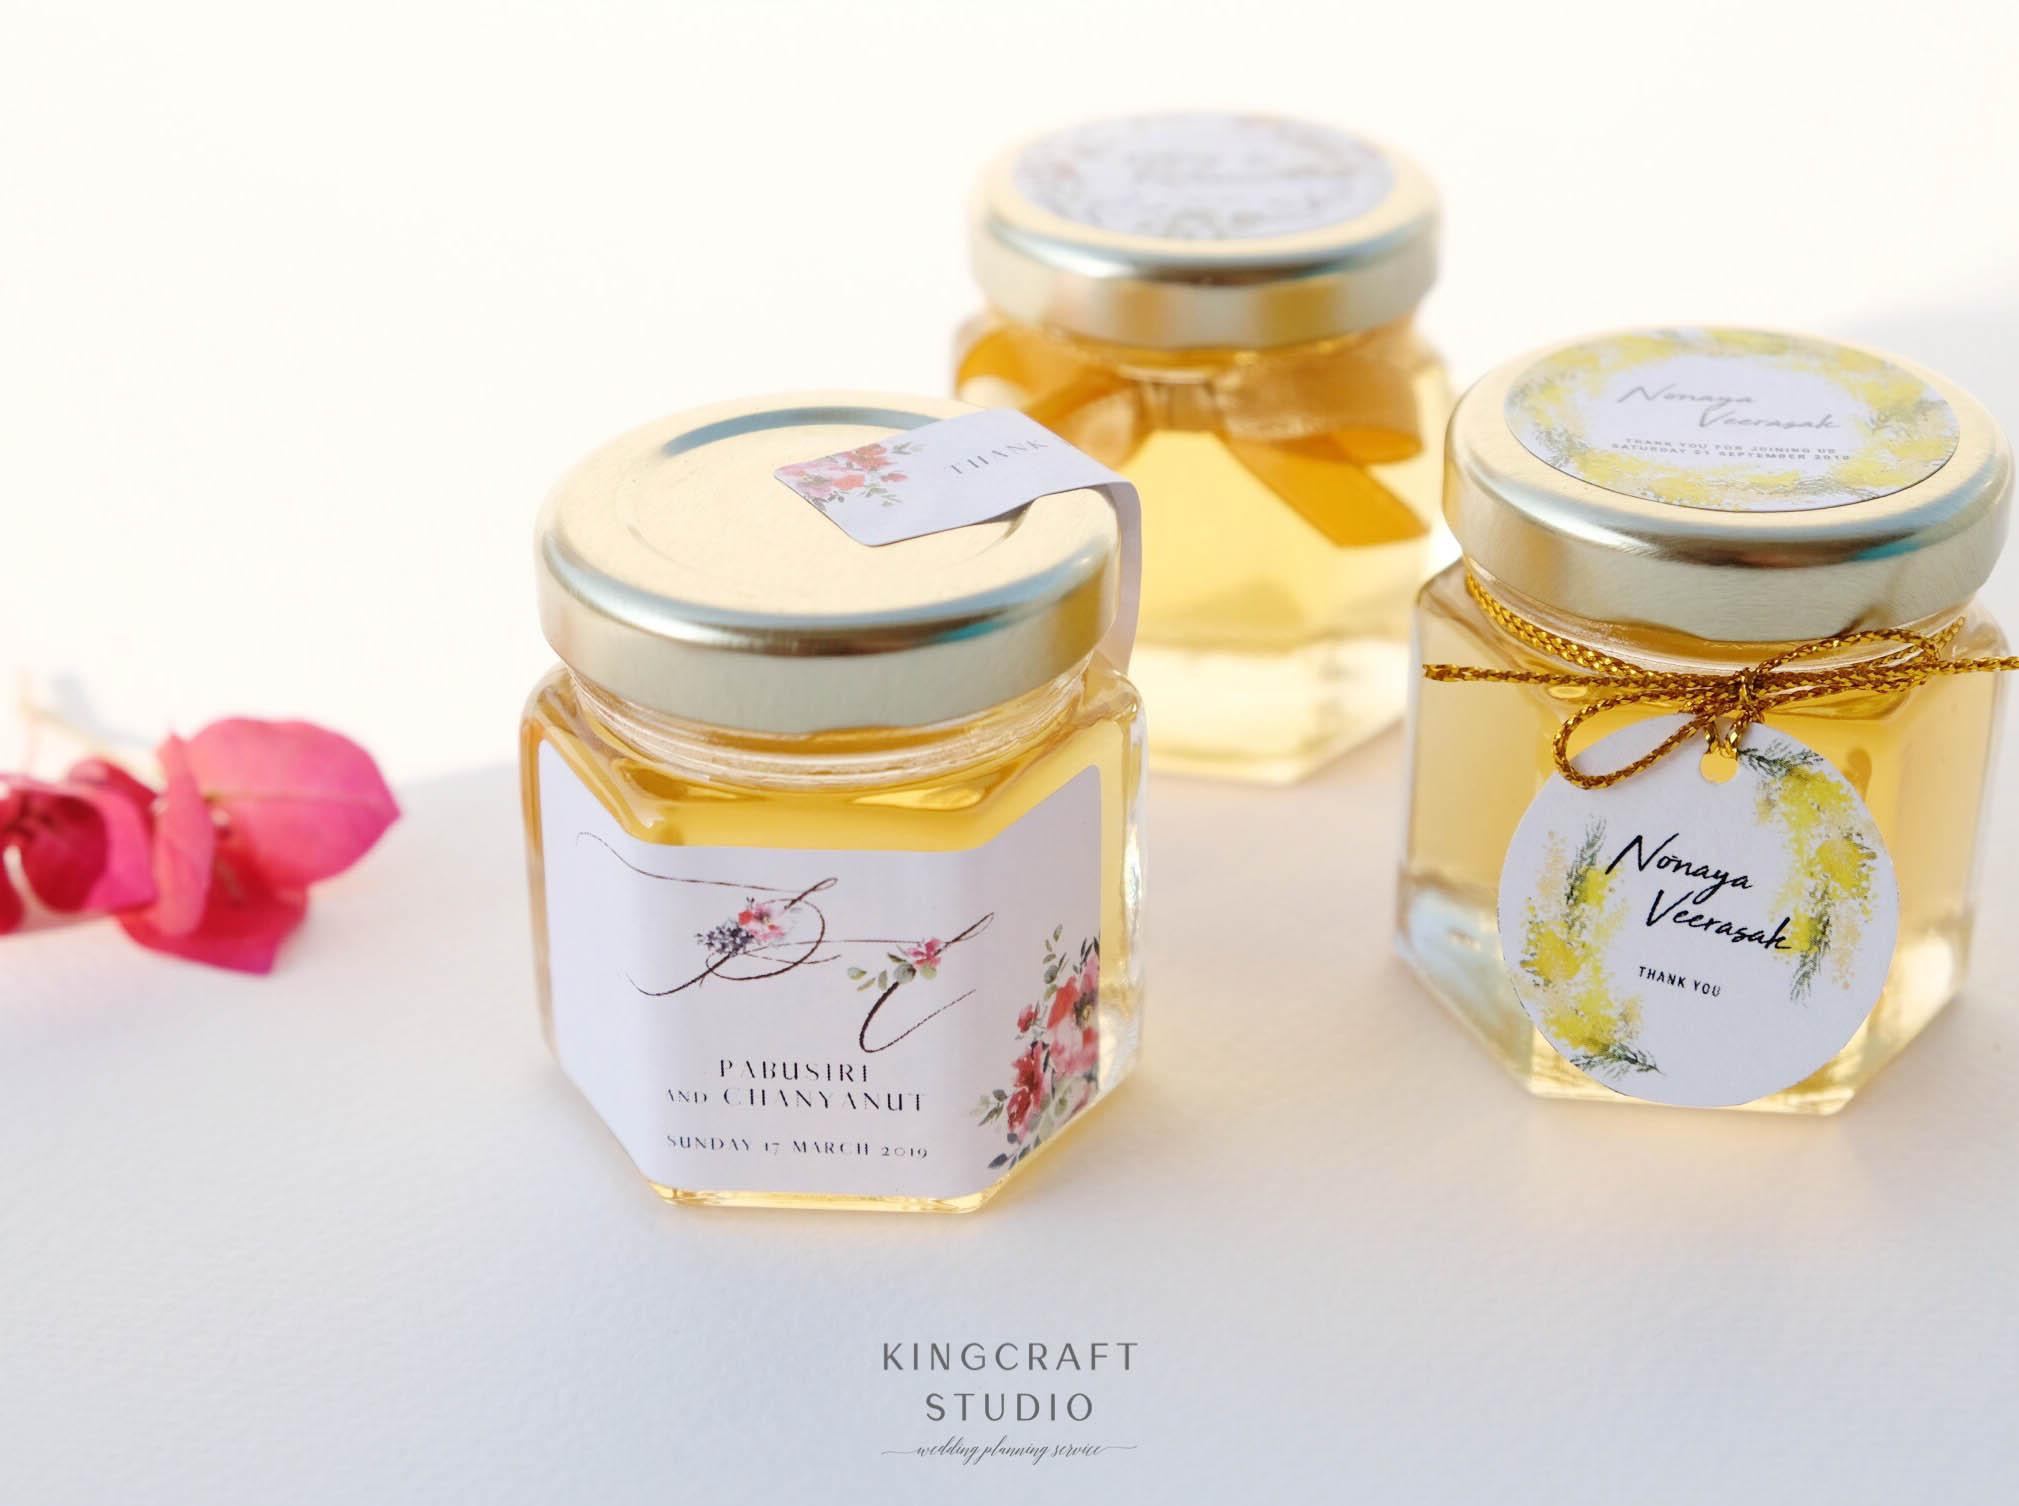 ของชำร่วยน้ำผึ้ง น้ำผึ้ง ของชำร่วย